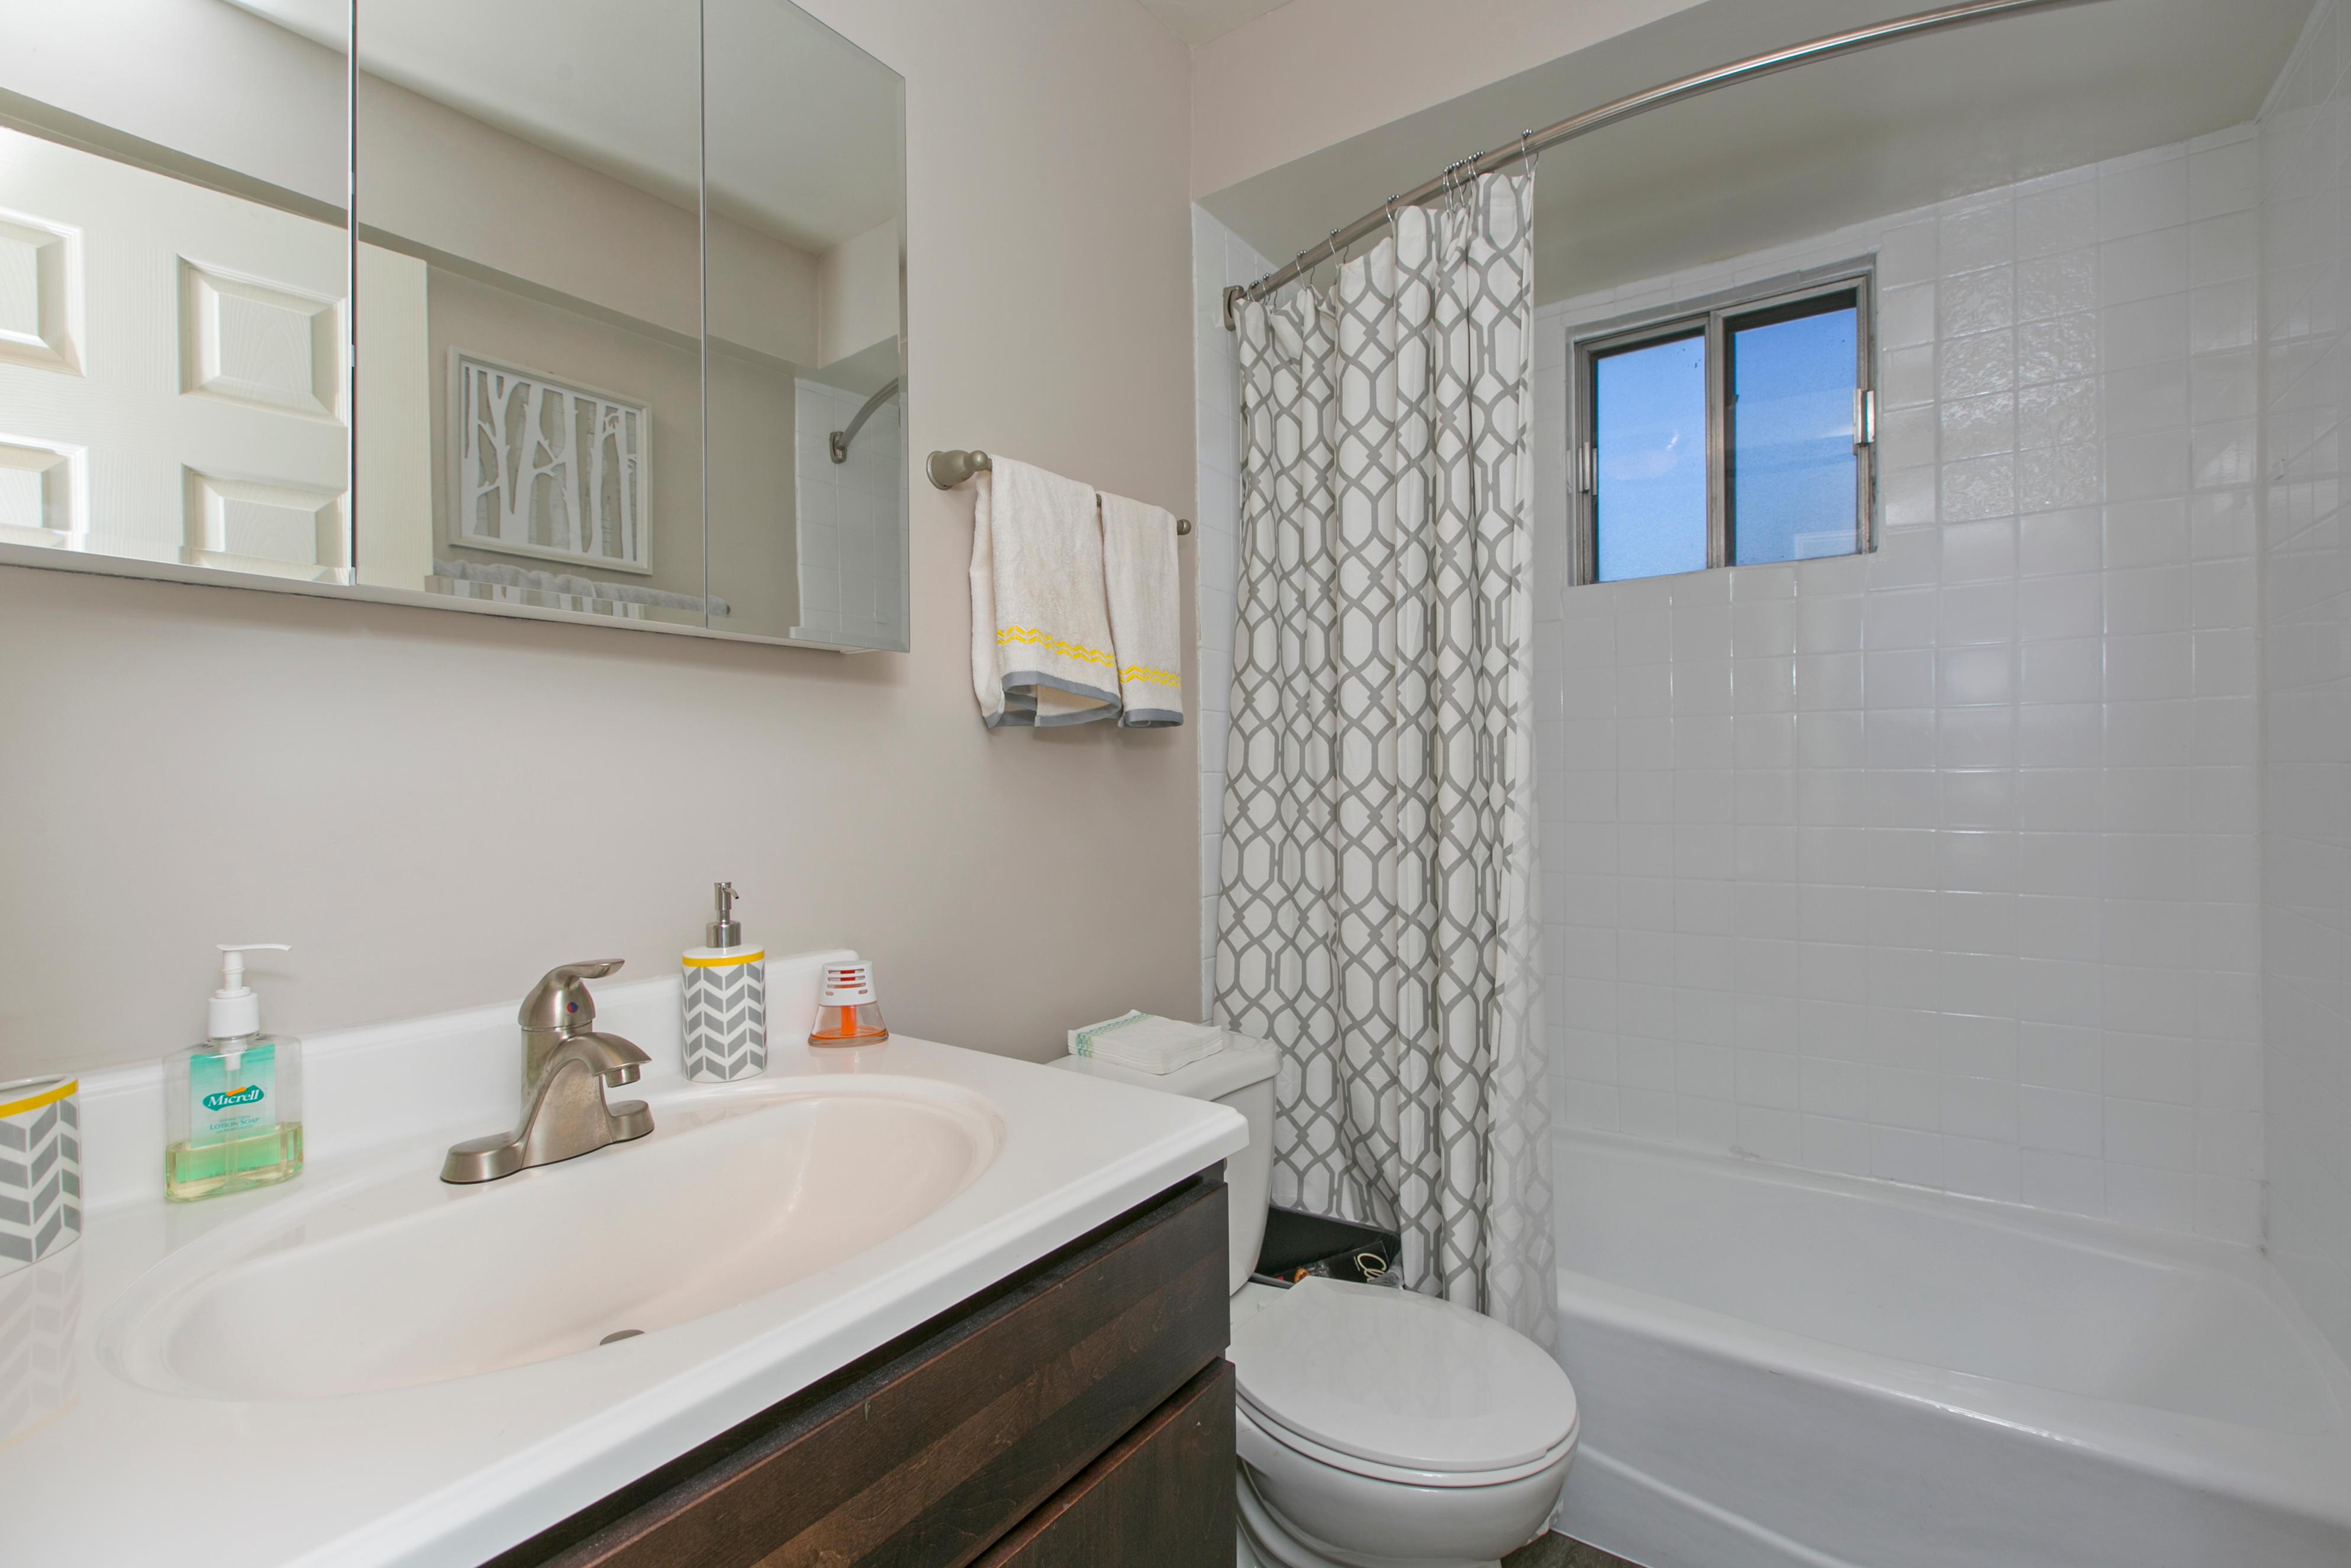 Westmont Village Apartments image 24